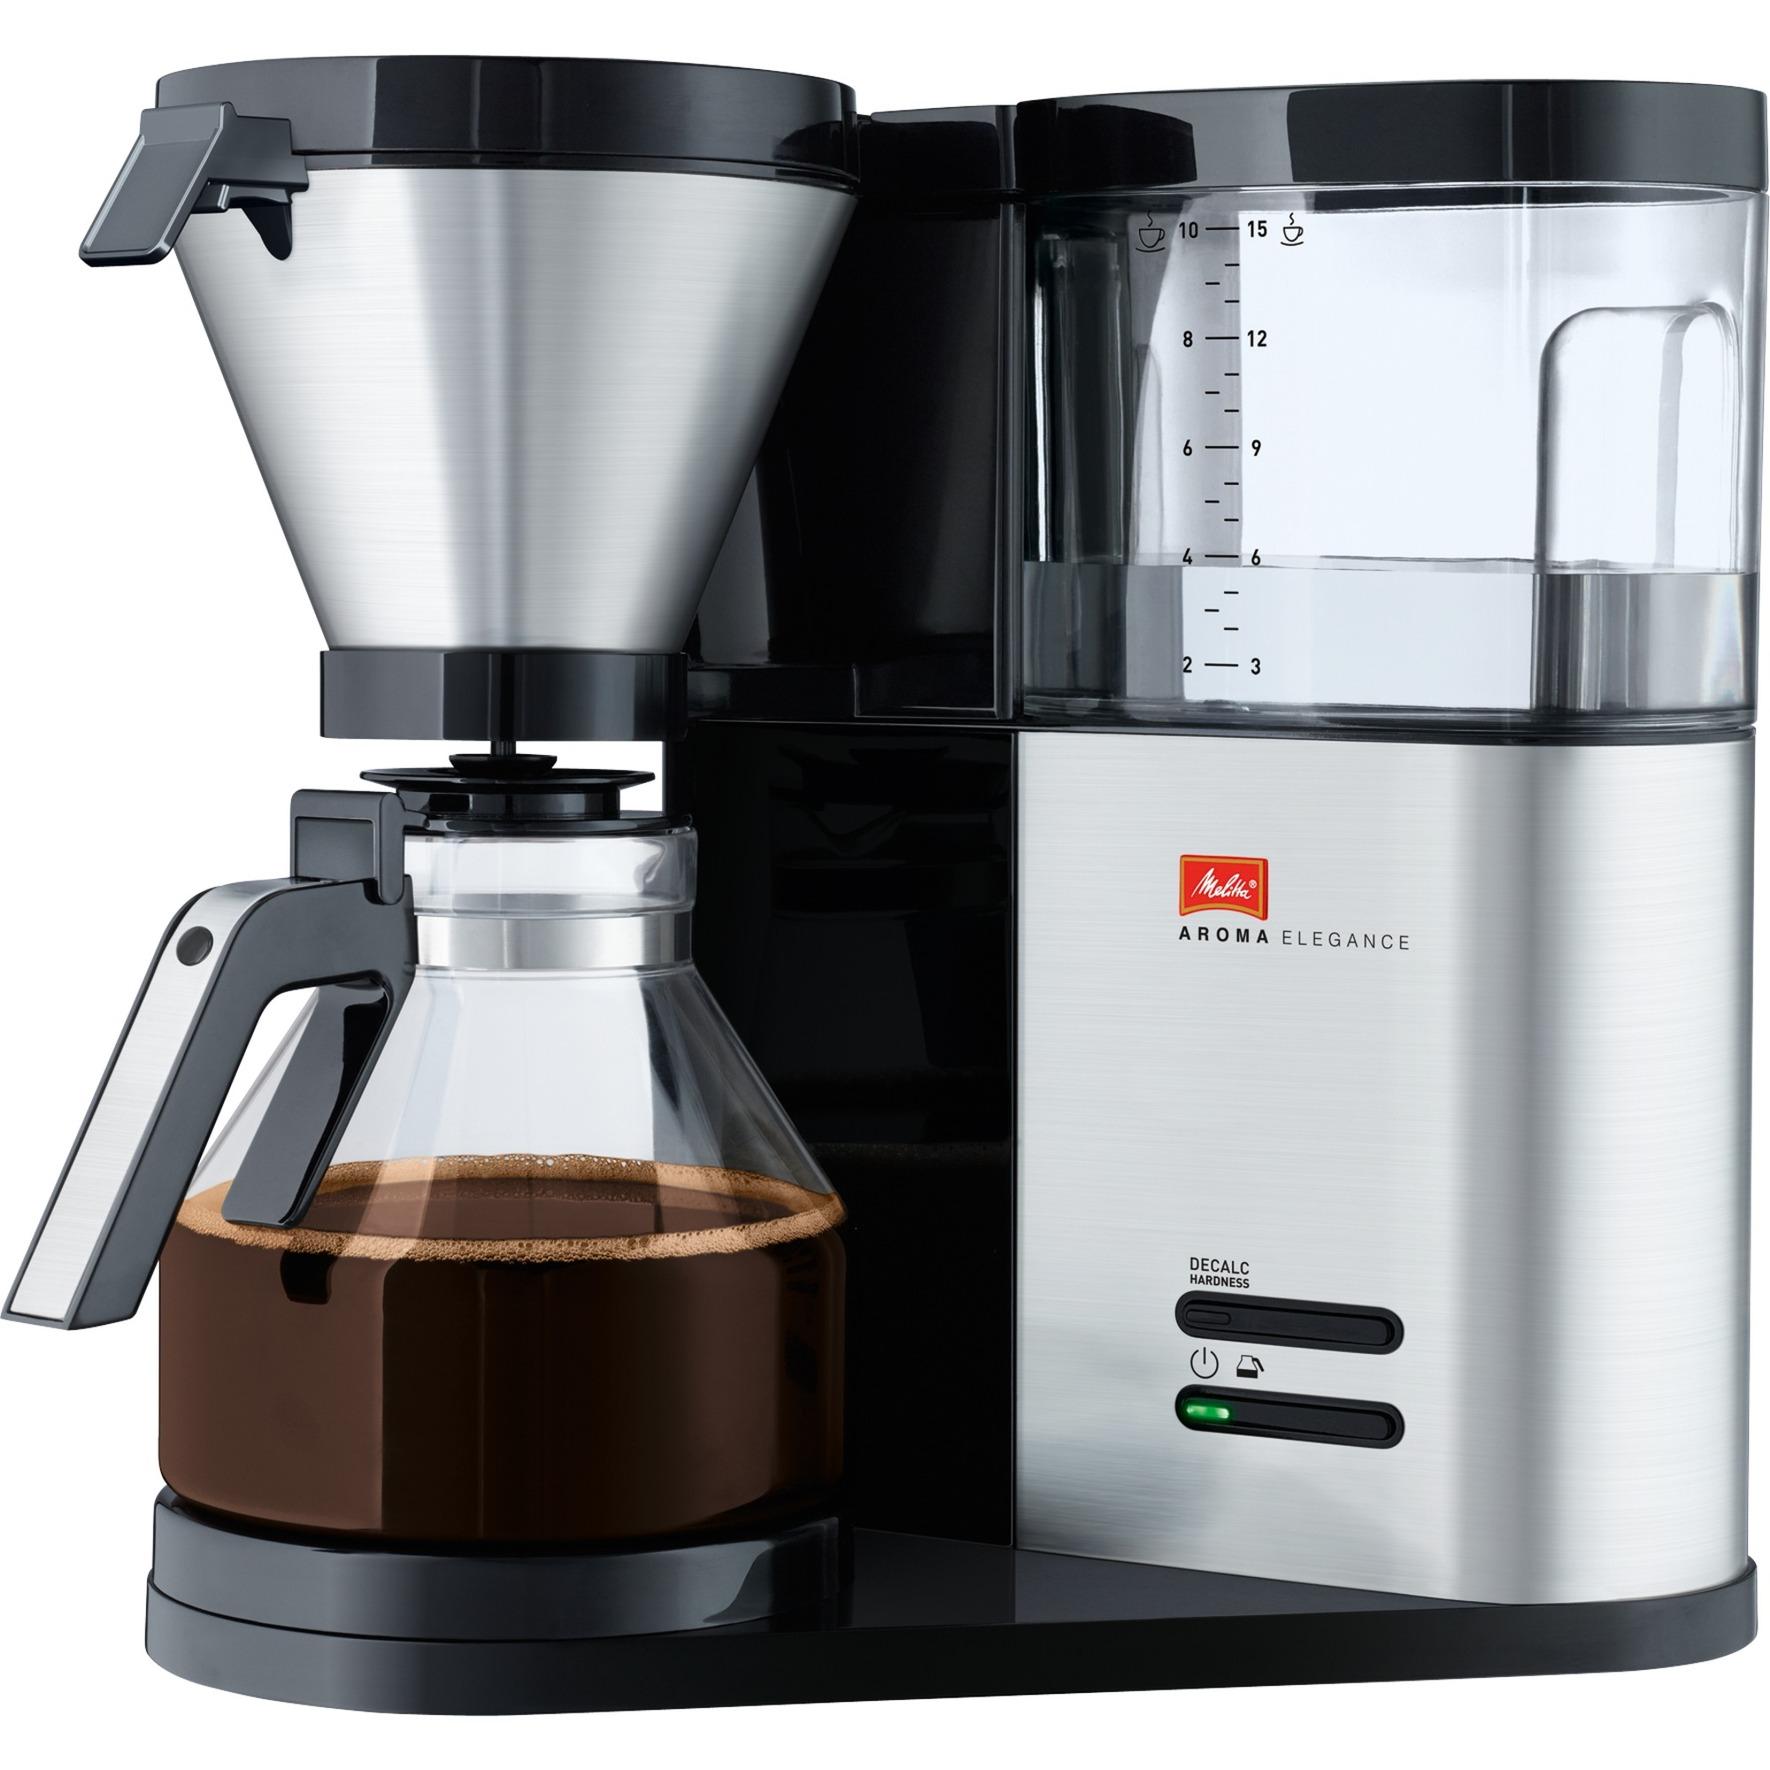 Aroma Elegance 1012-01 Encimera Cafetera de filtro 1,25 L Semi-automática